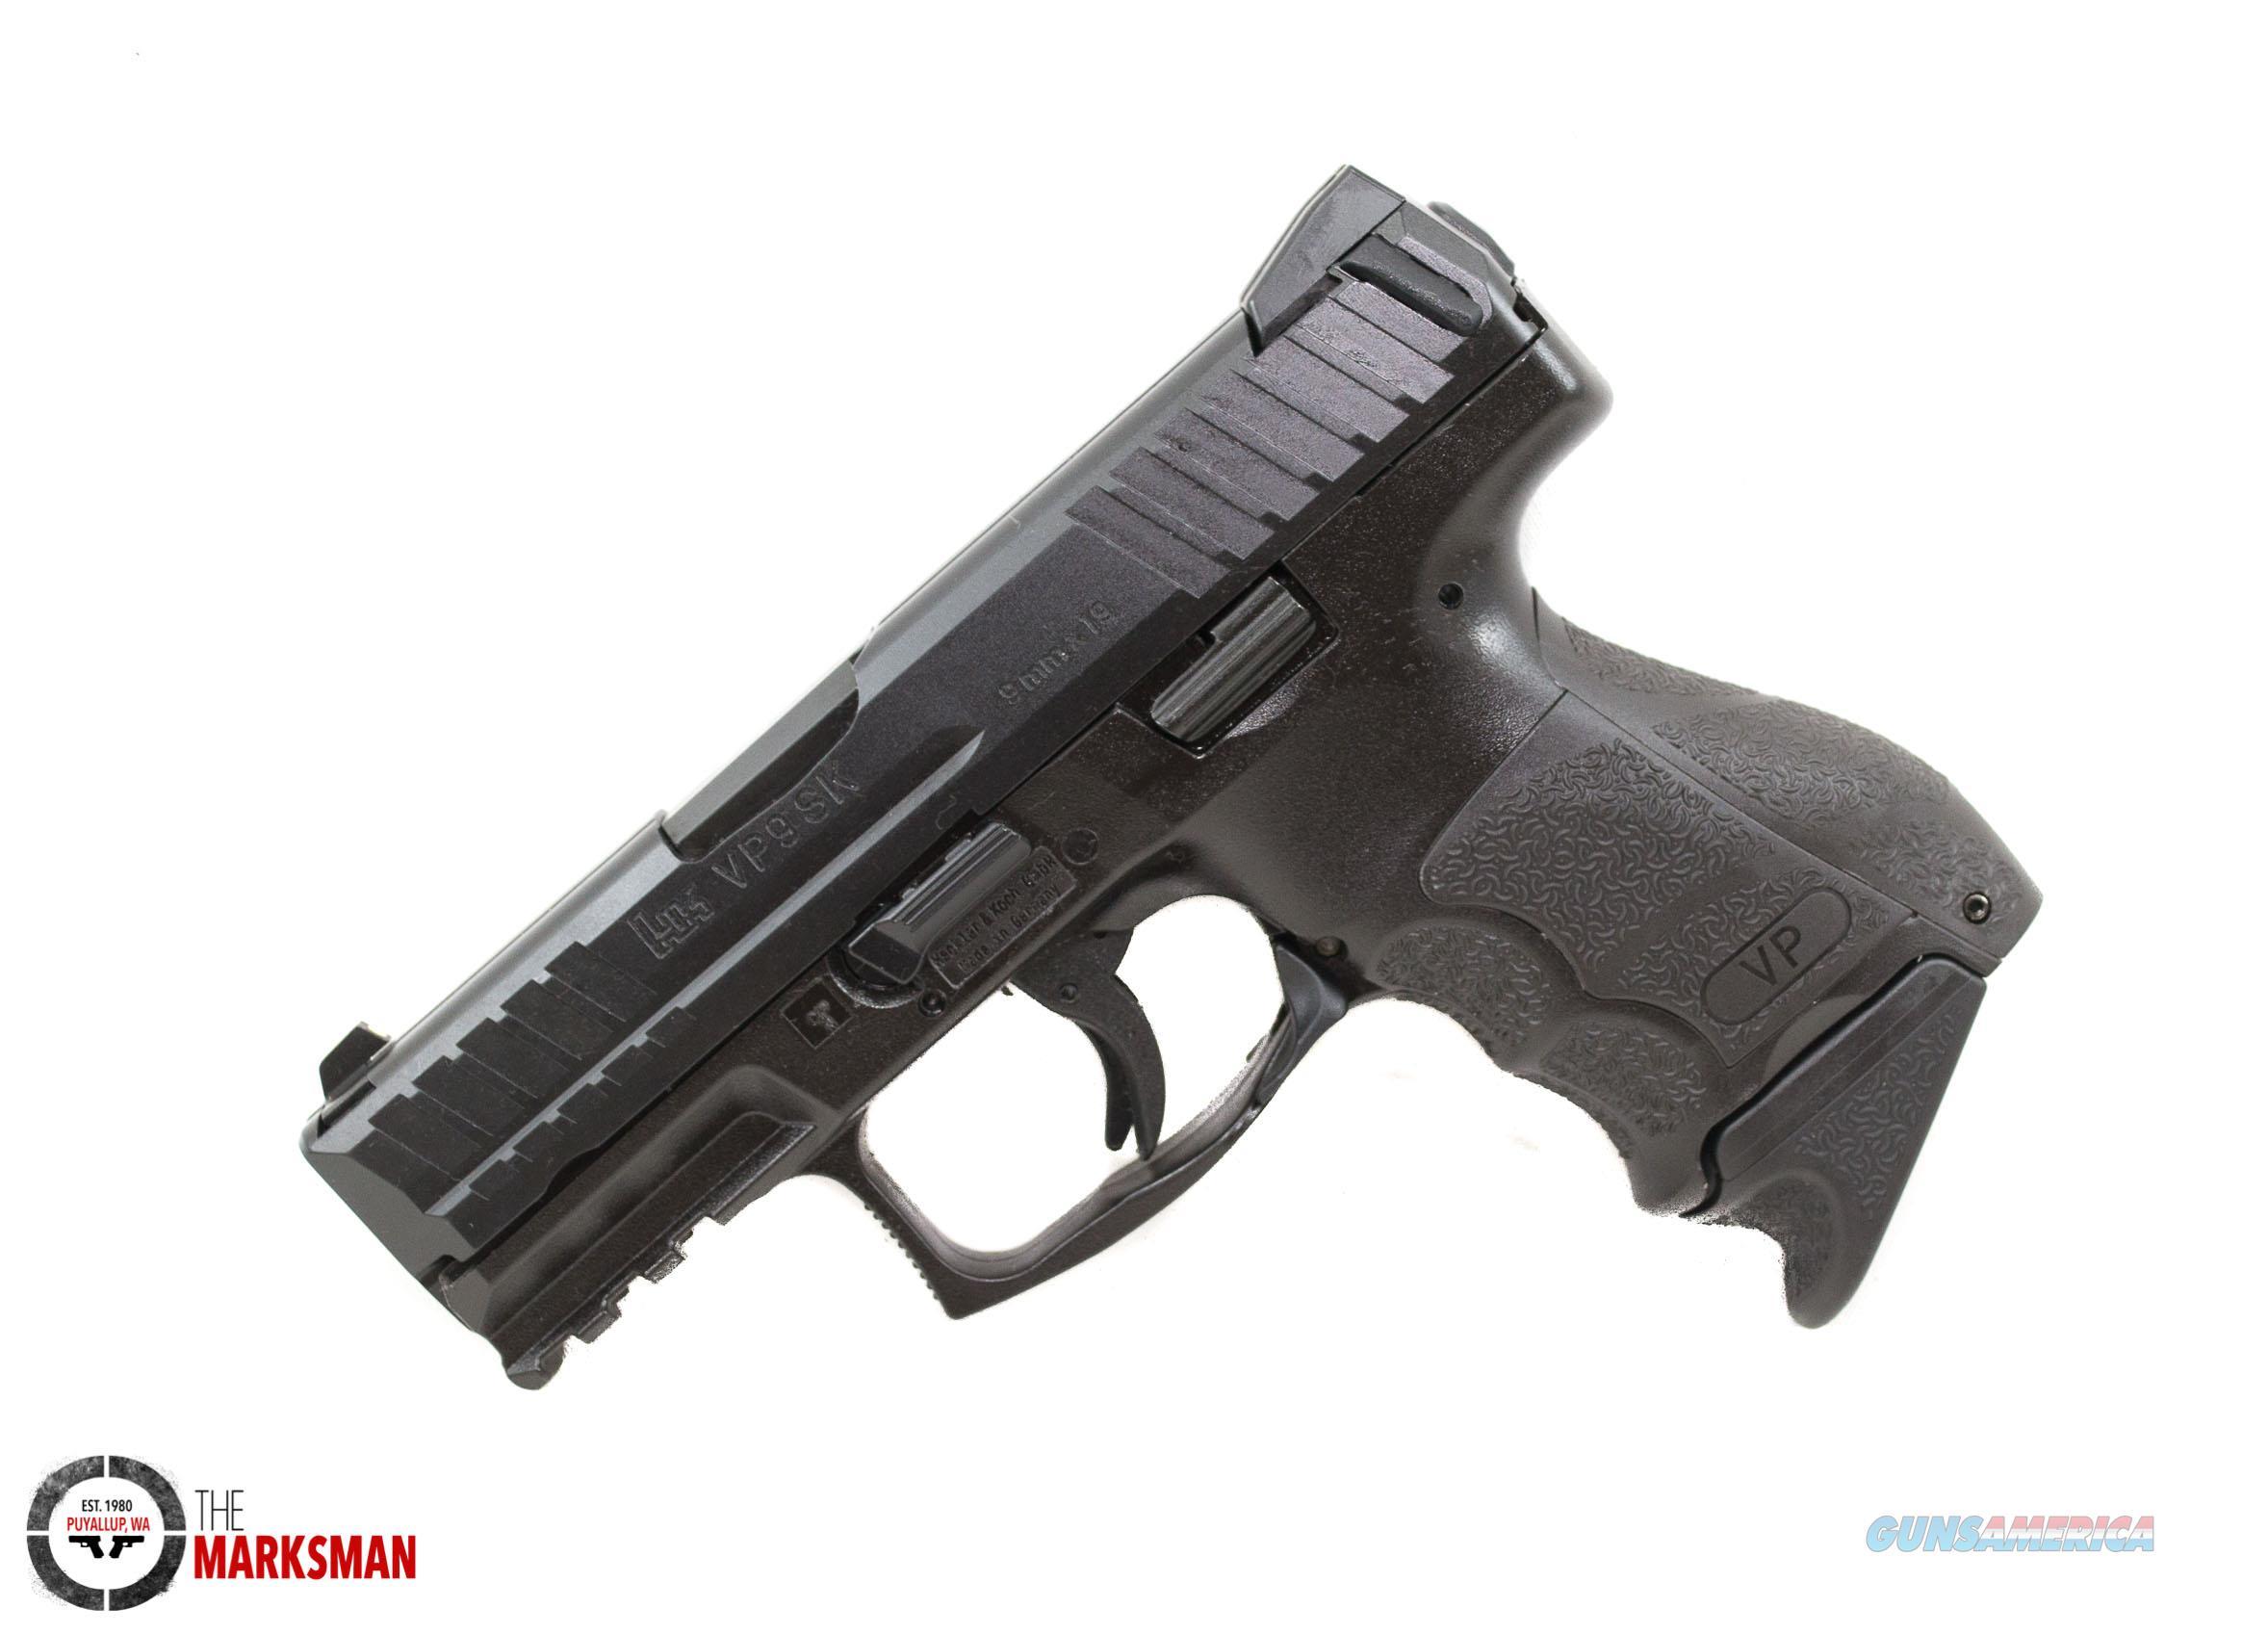 Heckler and Koch VP9SK, 9mm NEW 700009K-A5  Guns > Pistols > Heckler & Koch Pistols > Polymer Frame